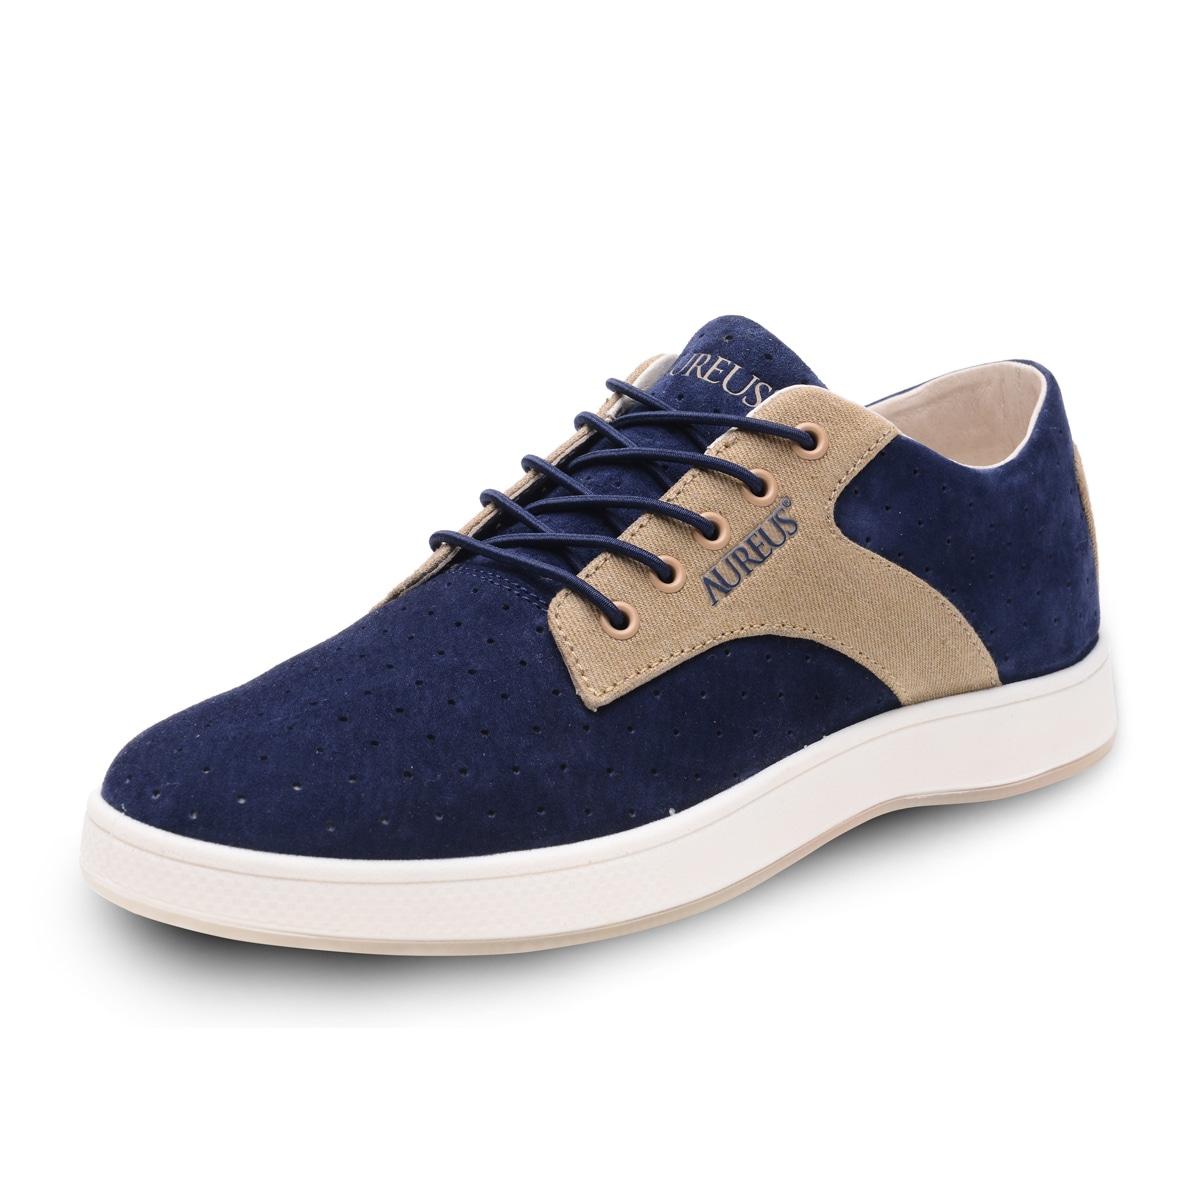 8aa8d4599890 Shop Men s Aureus Taurus Low-Top Sneaker - Free Shipping Today ...